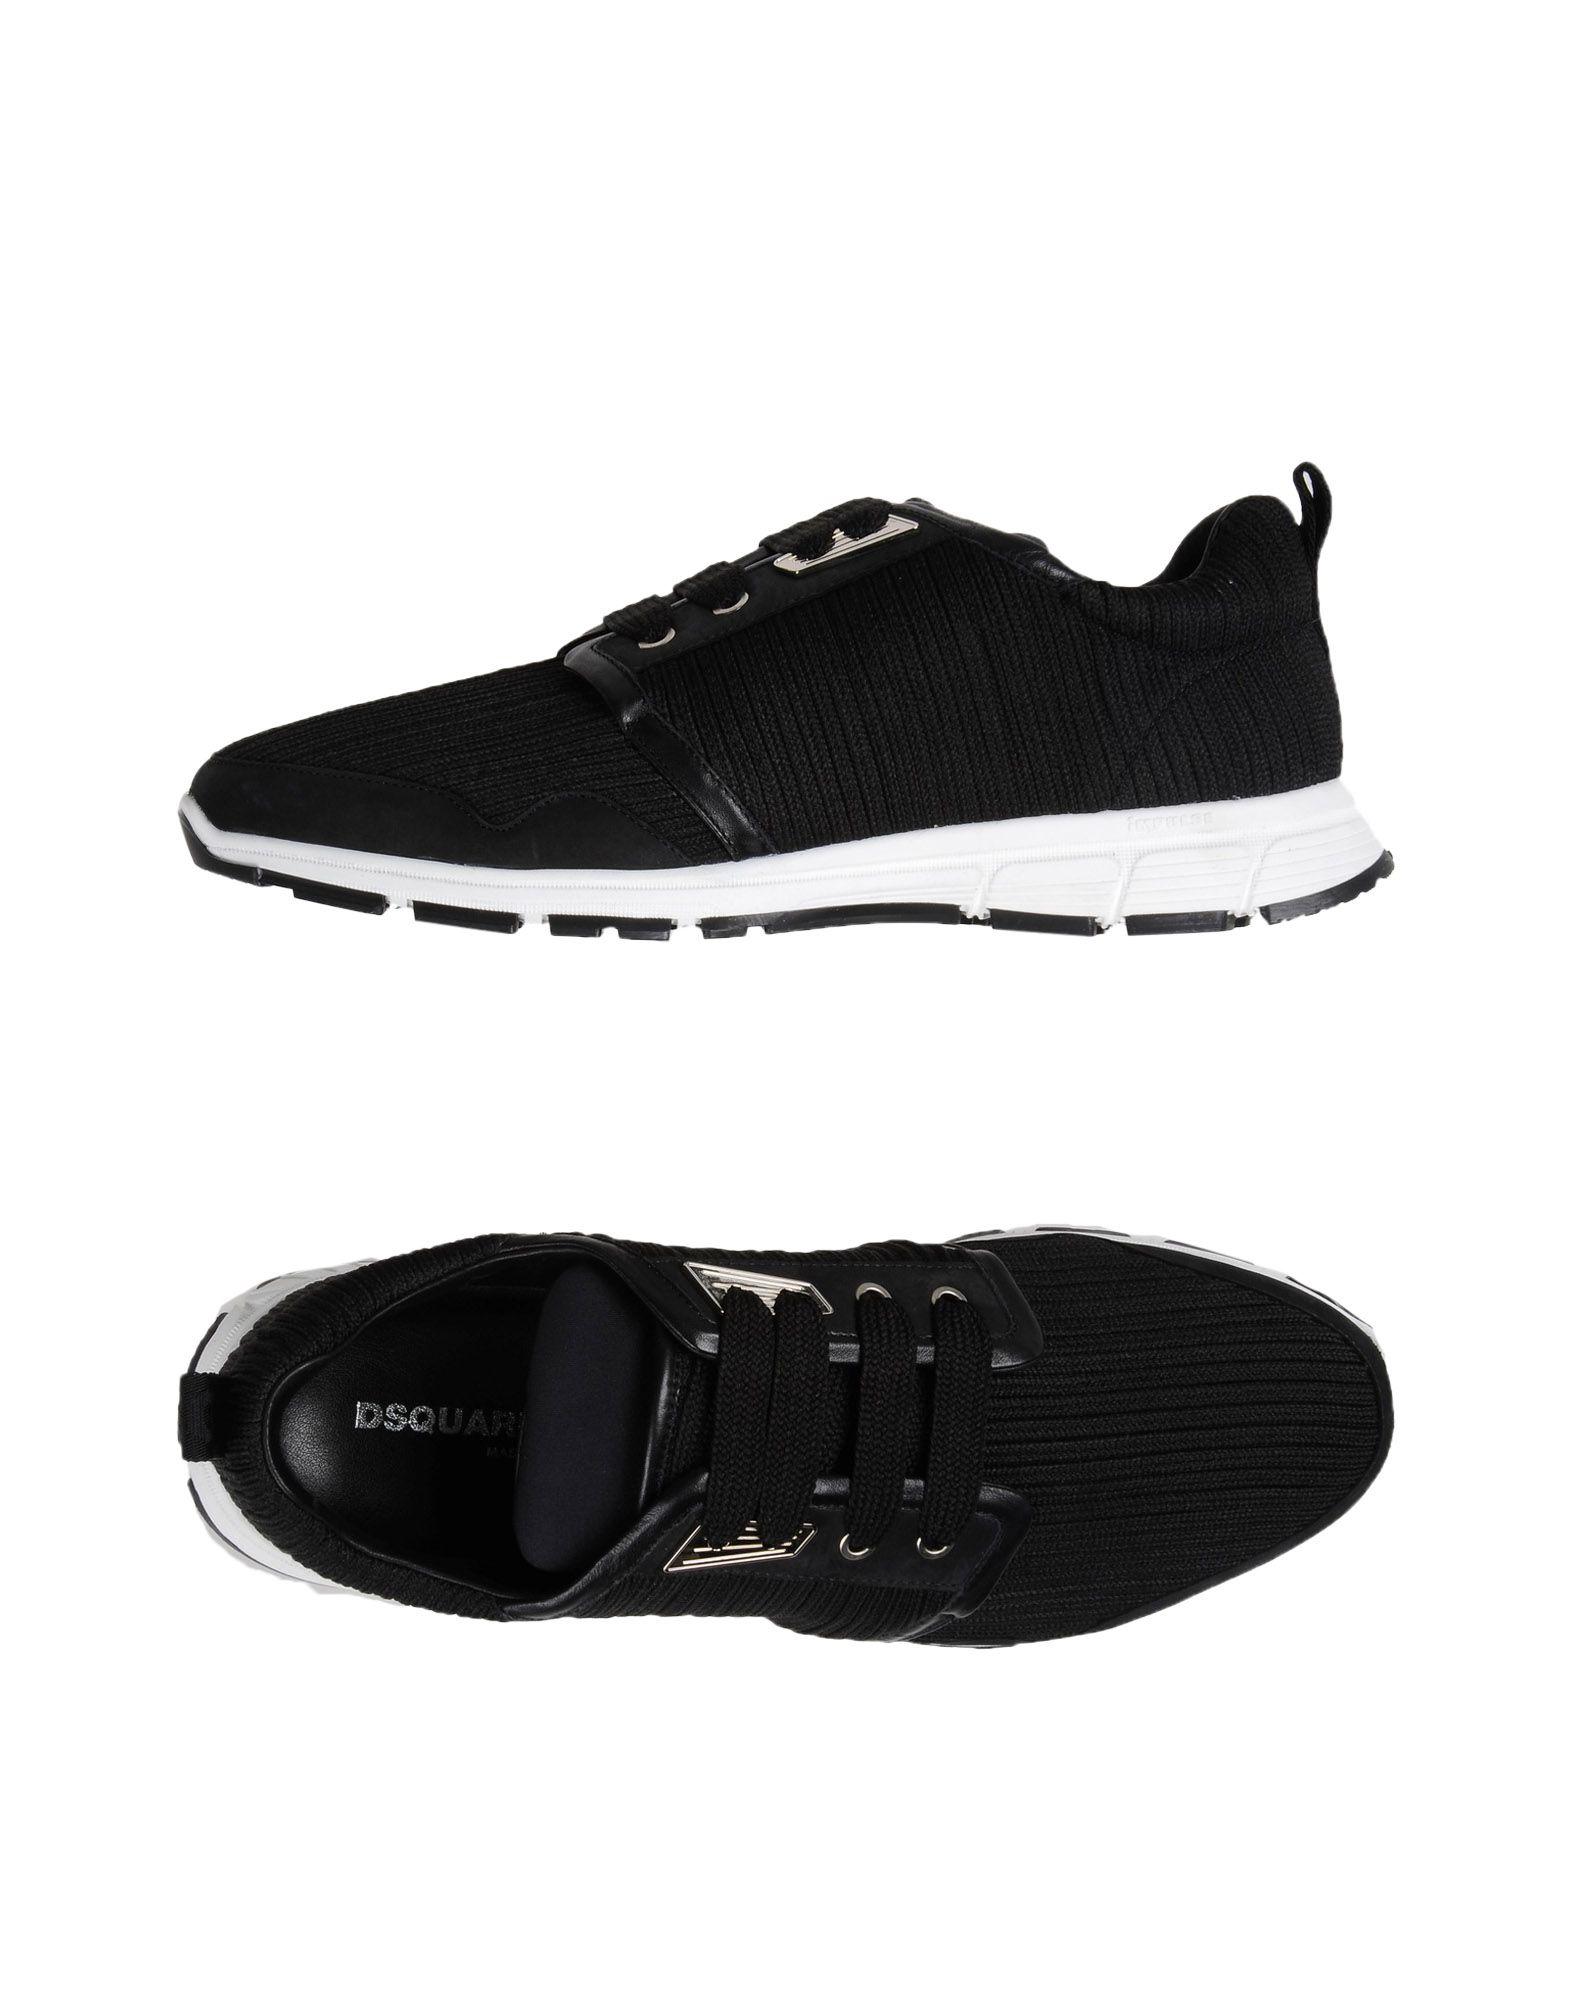 Dsquared2 Sneakers Sneakers Dsquared2 Herren  11173153HU 0c340c